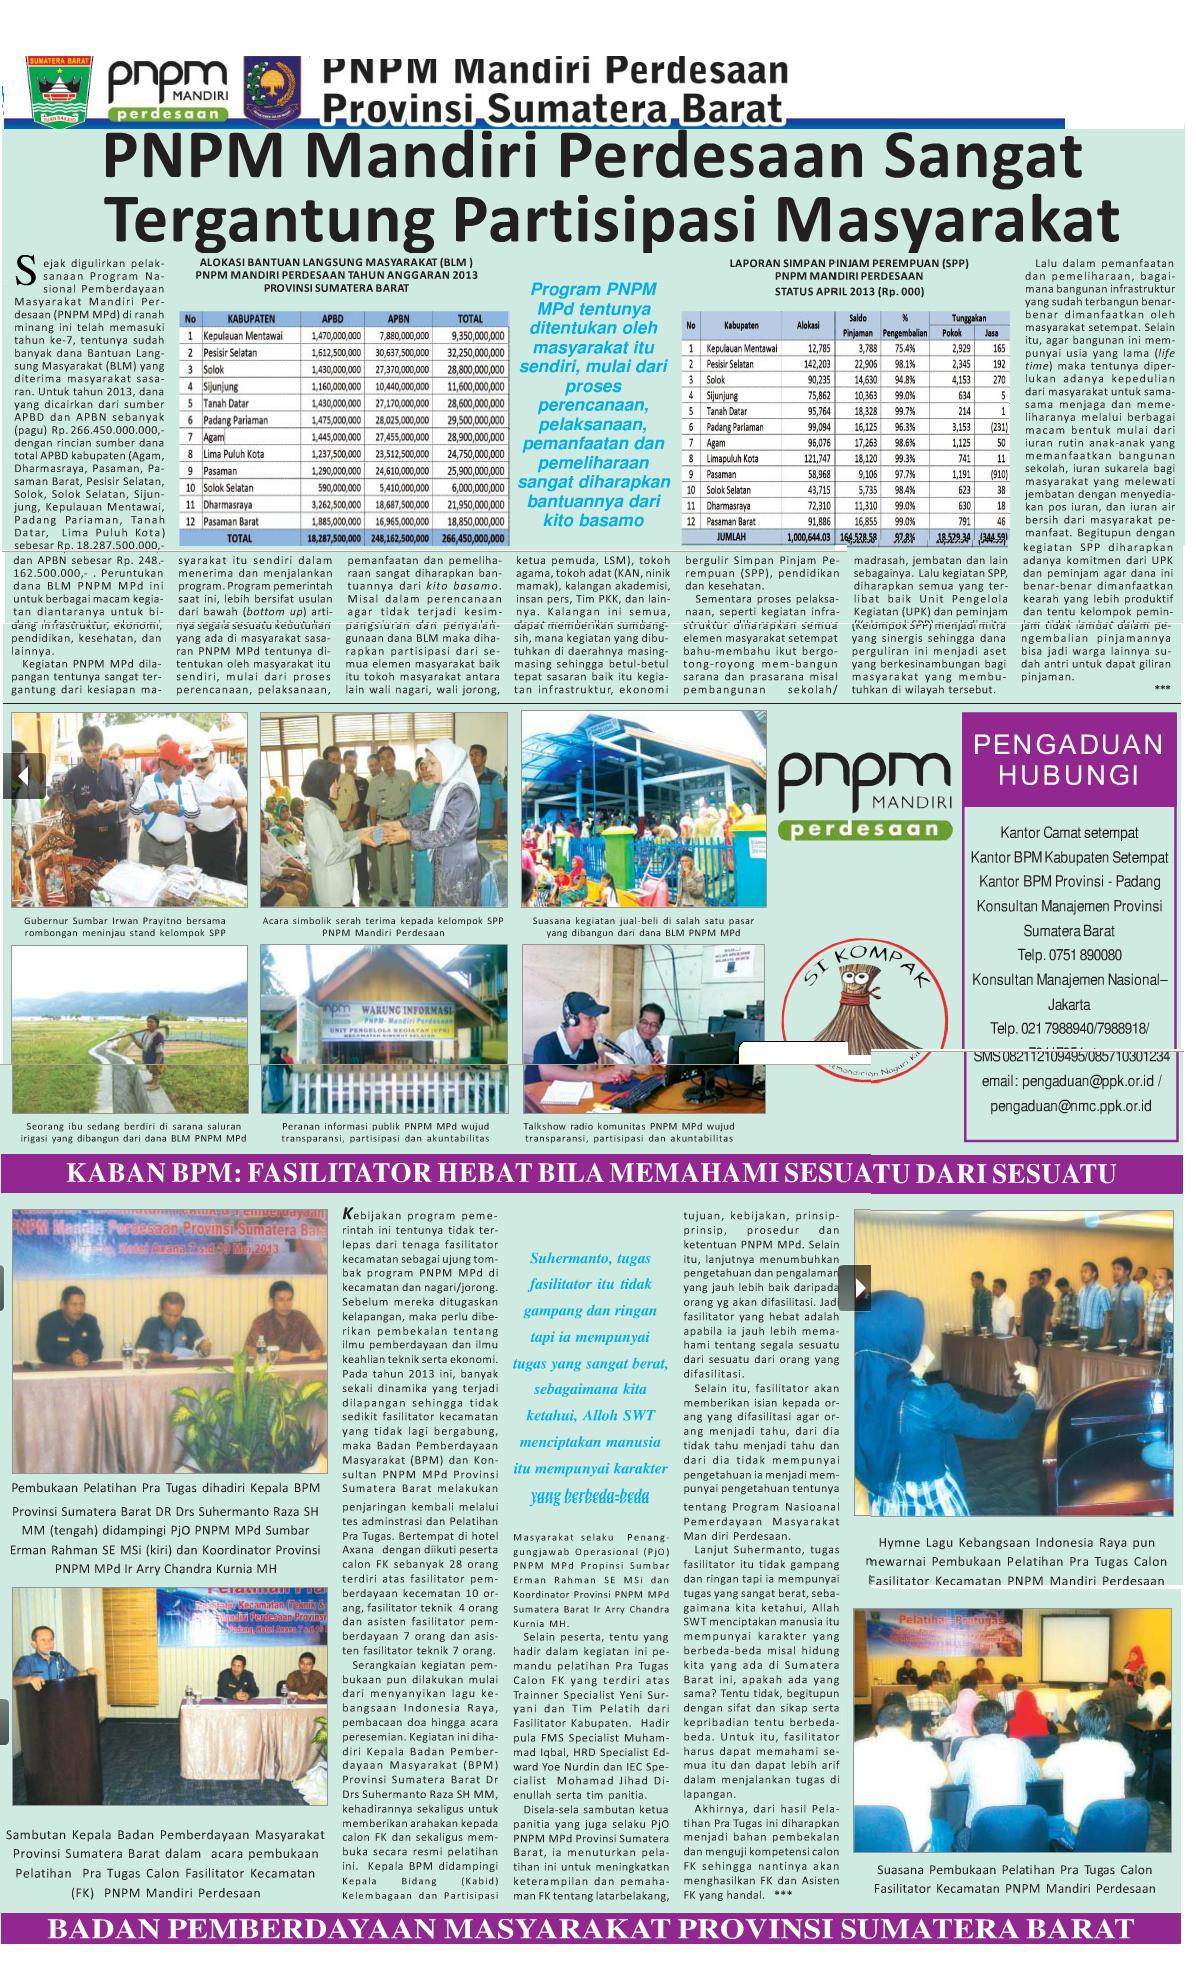 PNPM-MPd Tergantung Partisipasi Masyarakat